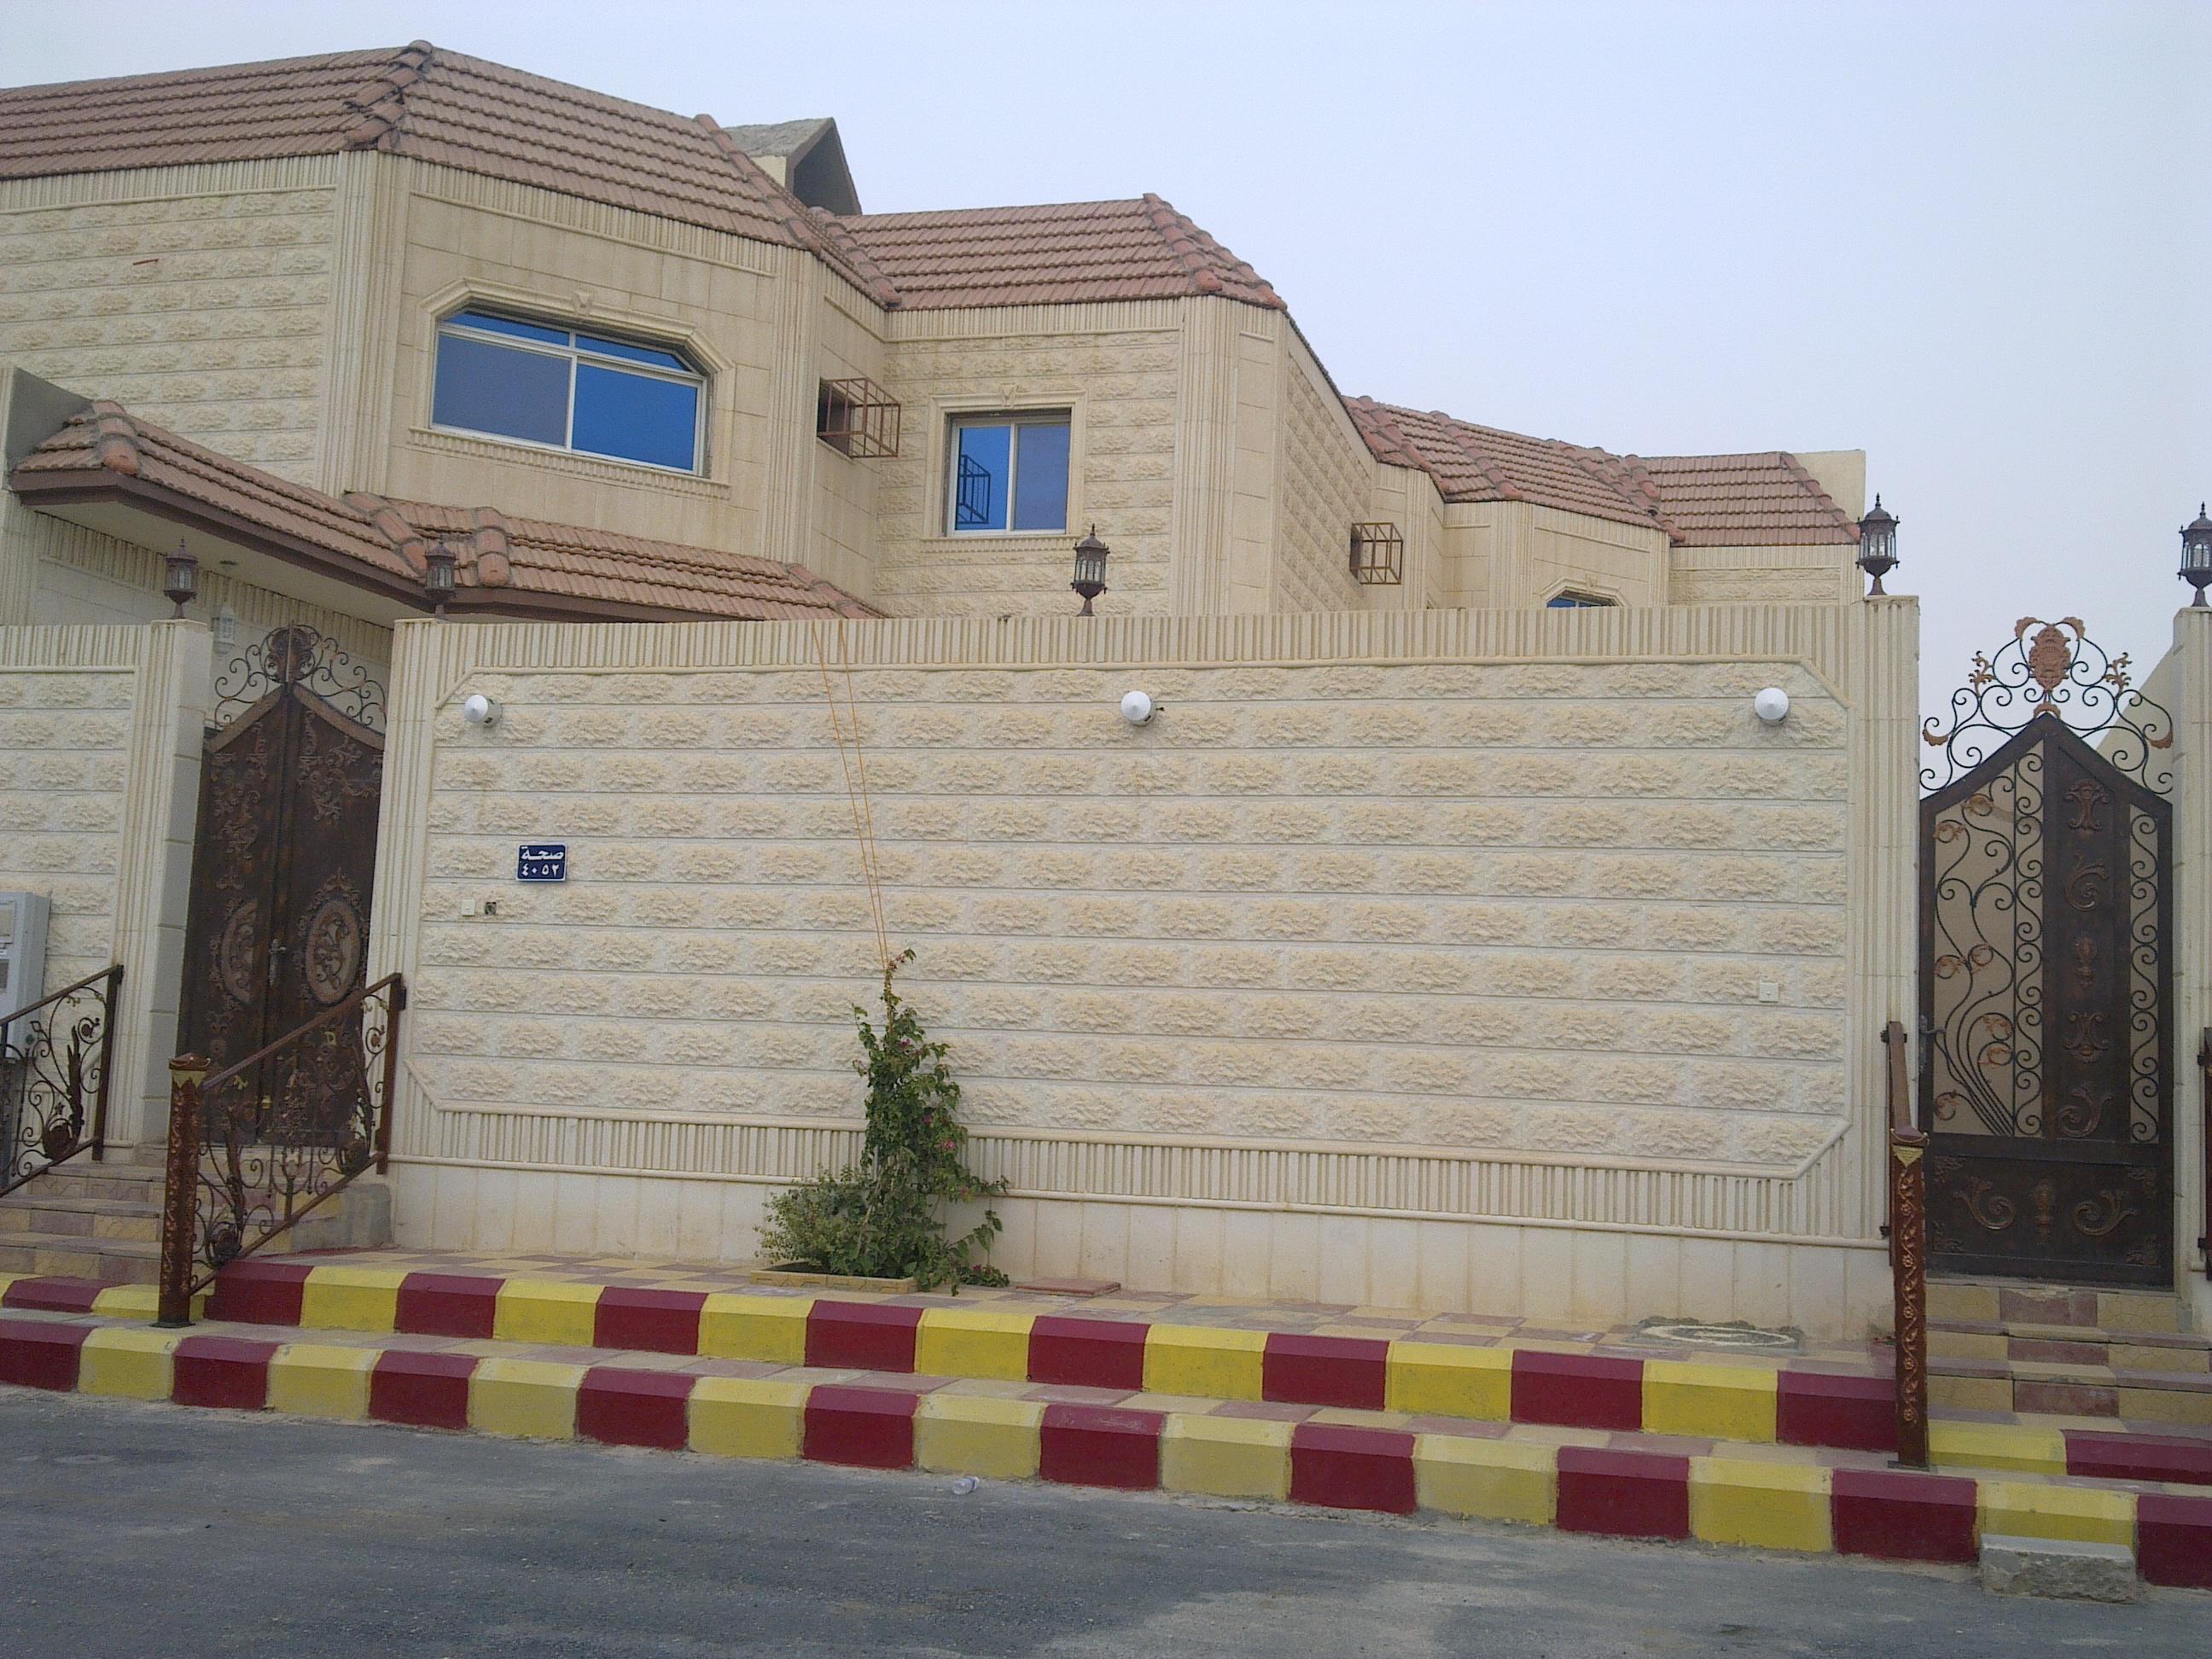 بالصور بيوت للبيع في حفر الباطن a92ca7401fd4a054ff2c70ea8e87e451